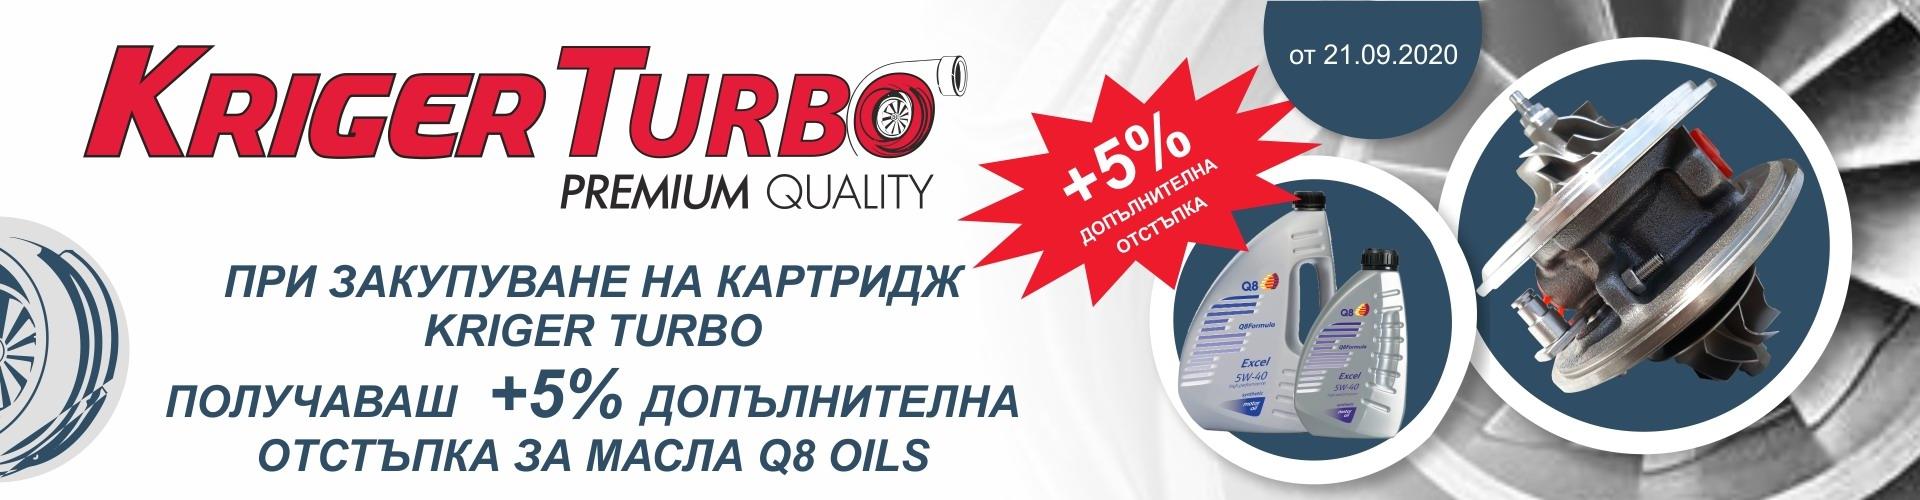 promo_kriger_turbo_2020_banner.jpg